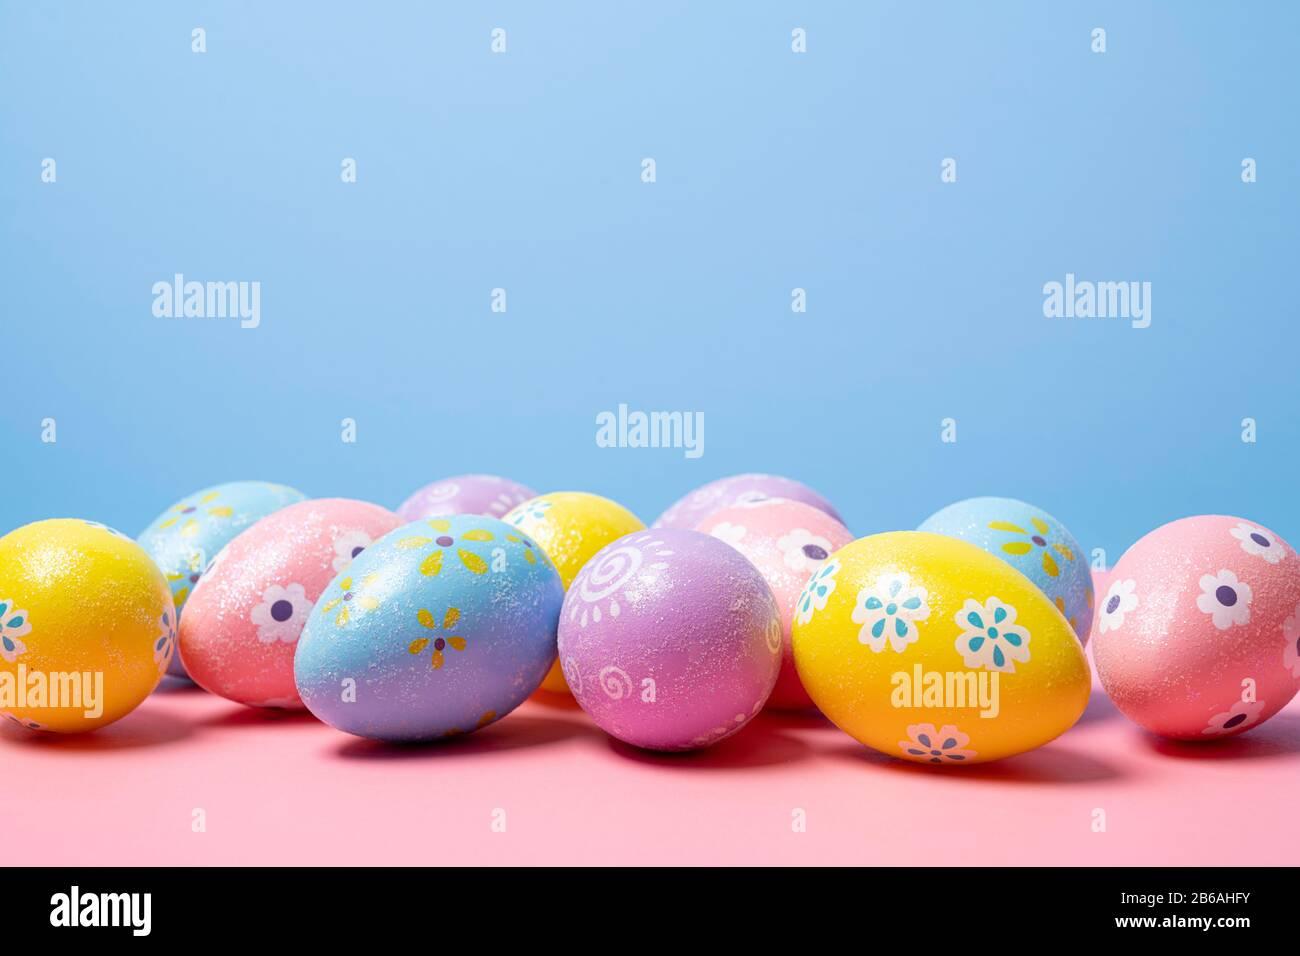 Los huevos de Pascua pintados sobre un fondo de colores Foto de stock